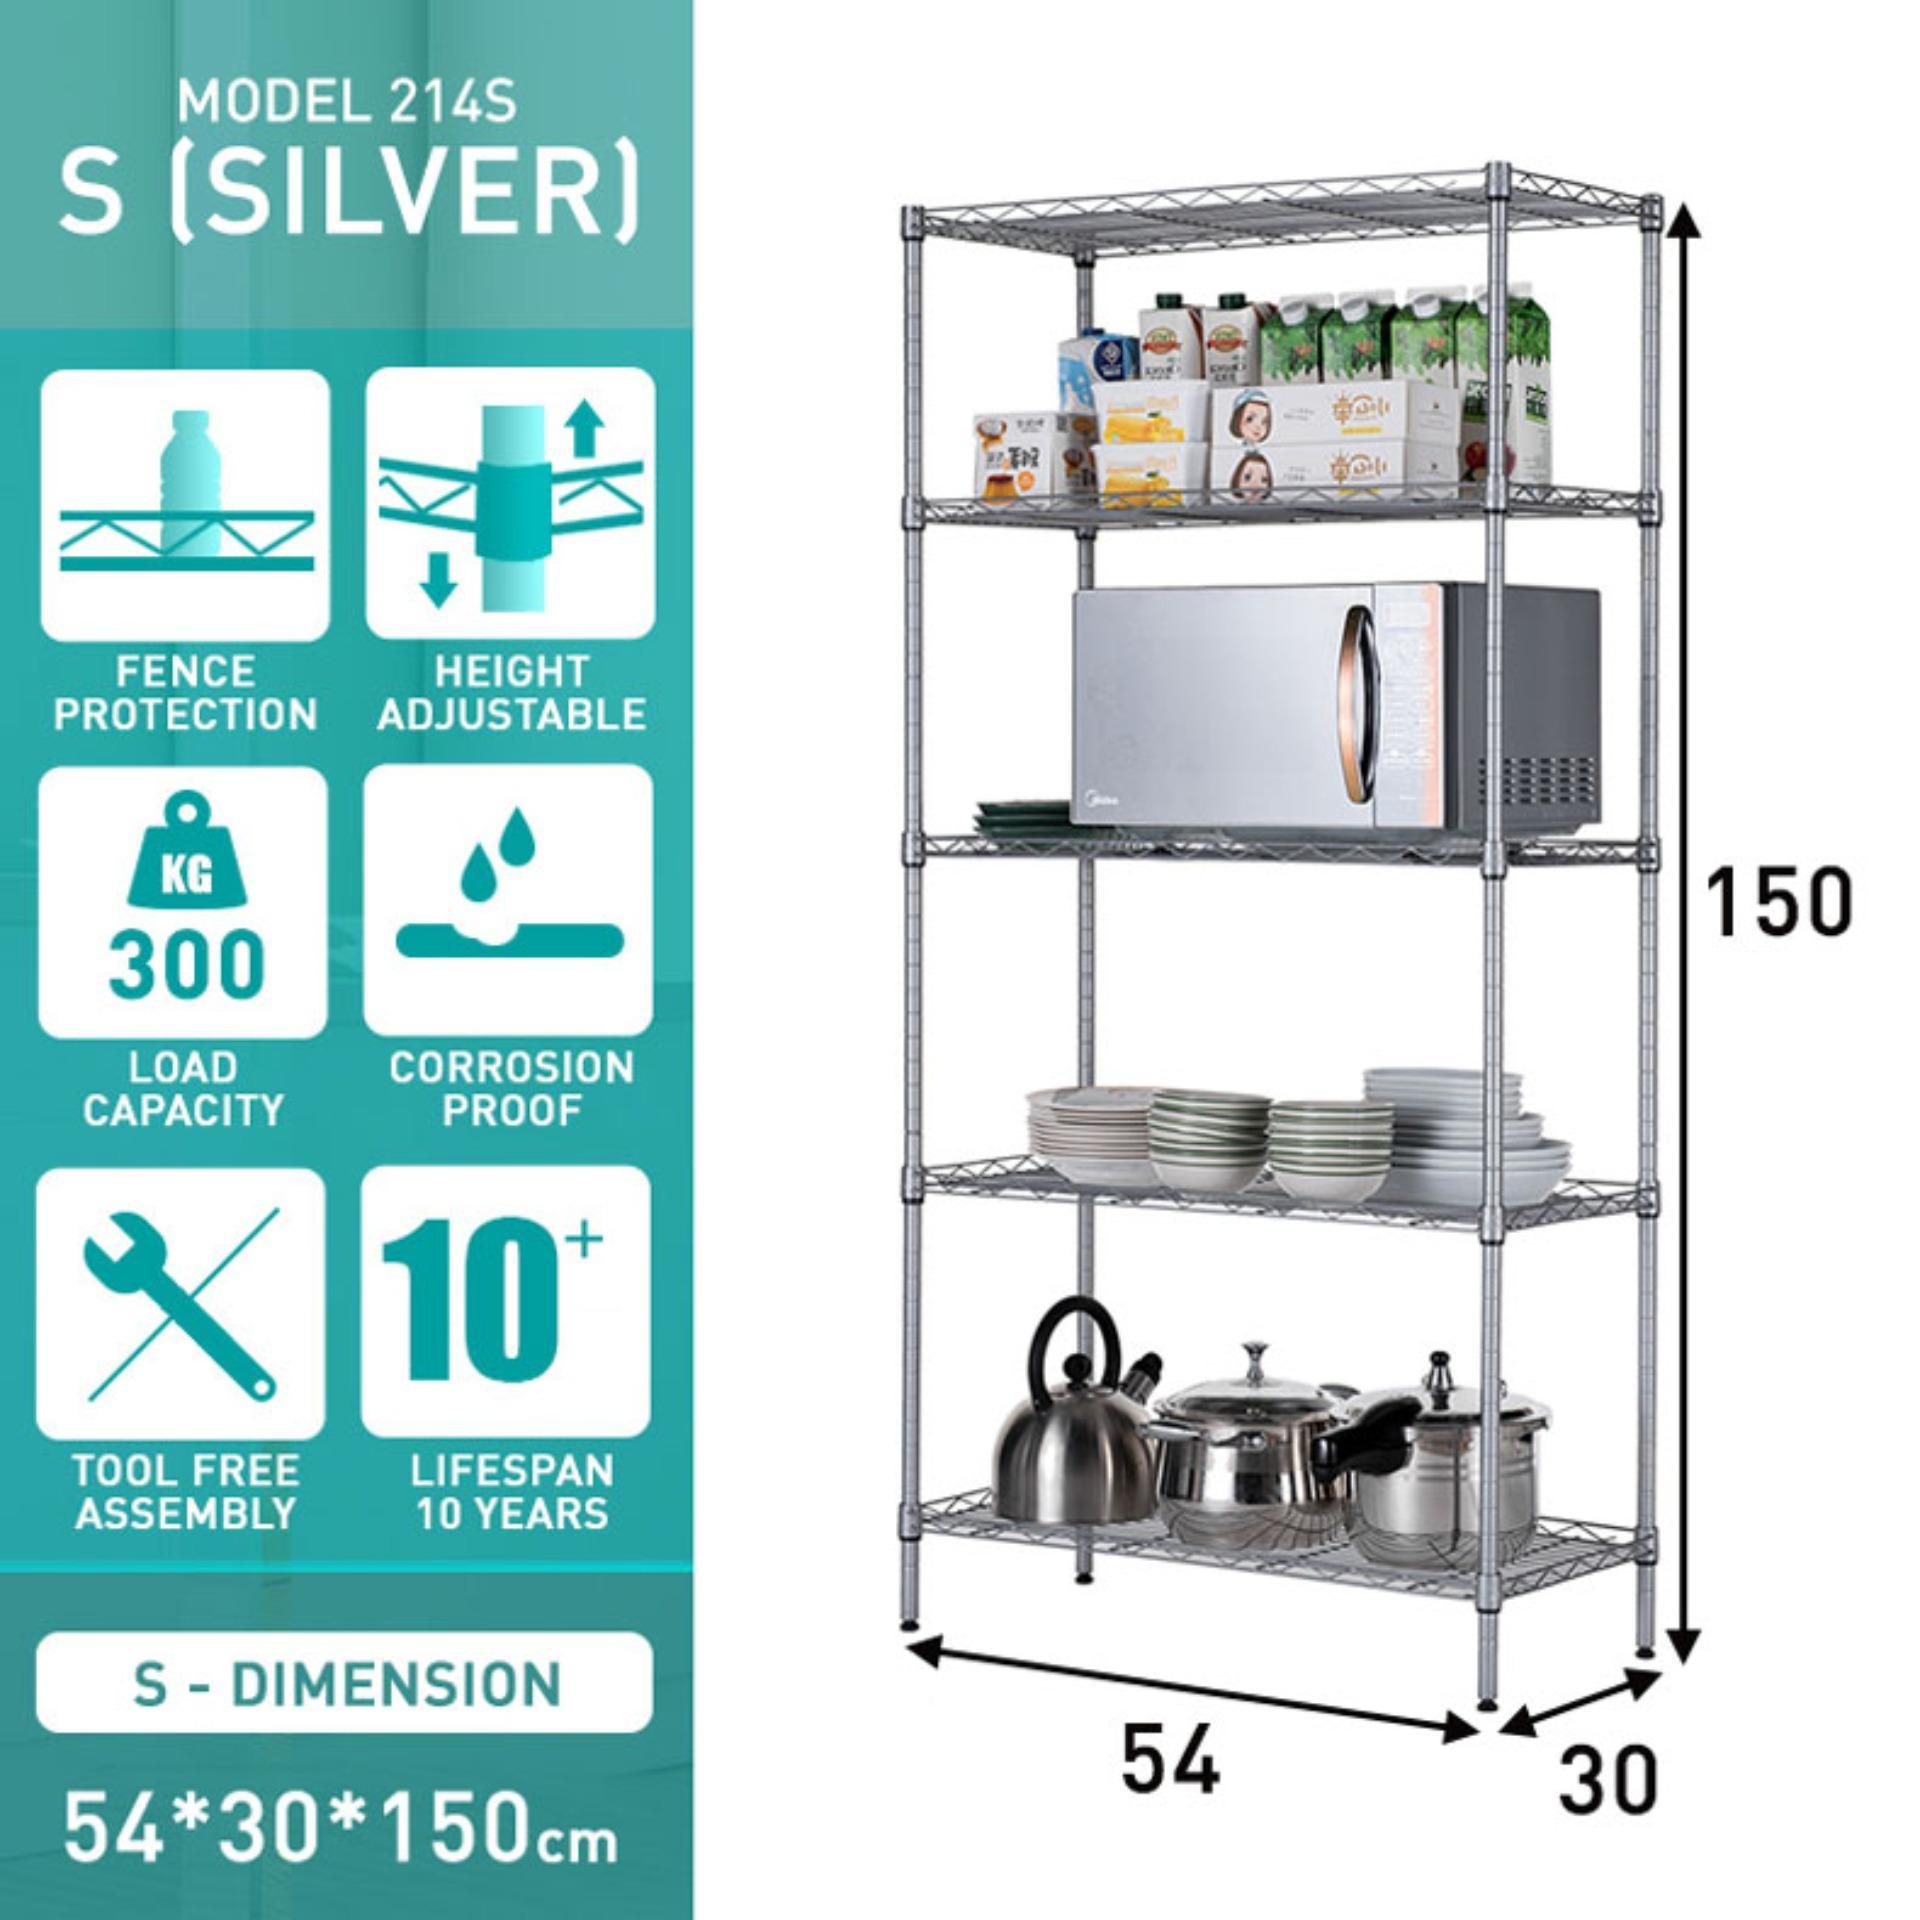 Norzy 5 Tier Multi-purpose Kitchen Storage Rack Kitchen Cooker Organizer Shelf Silver 214S